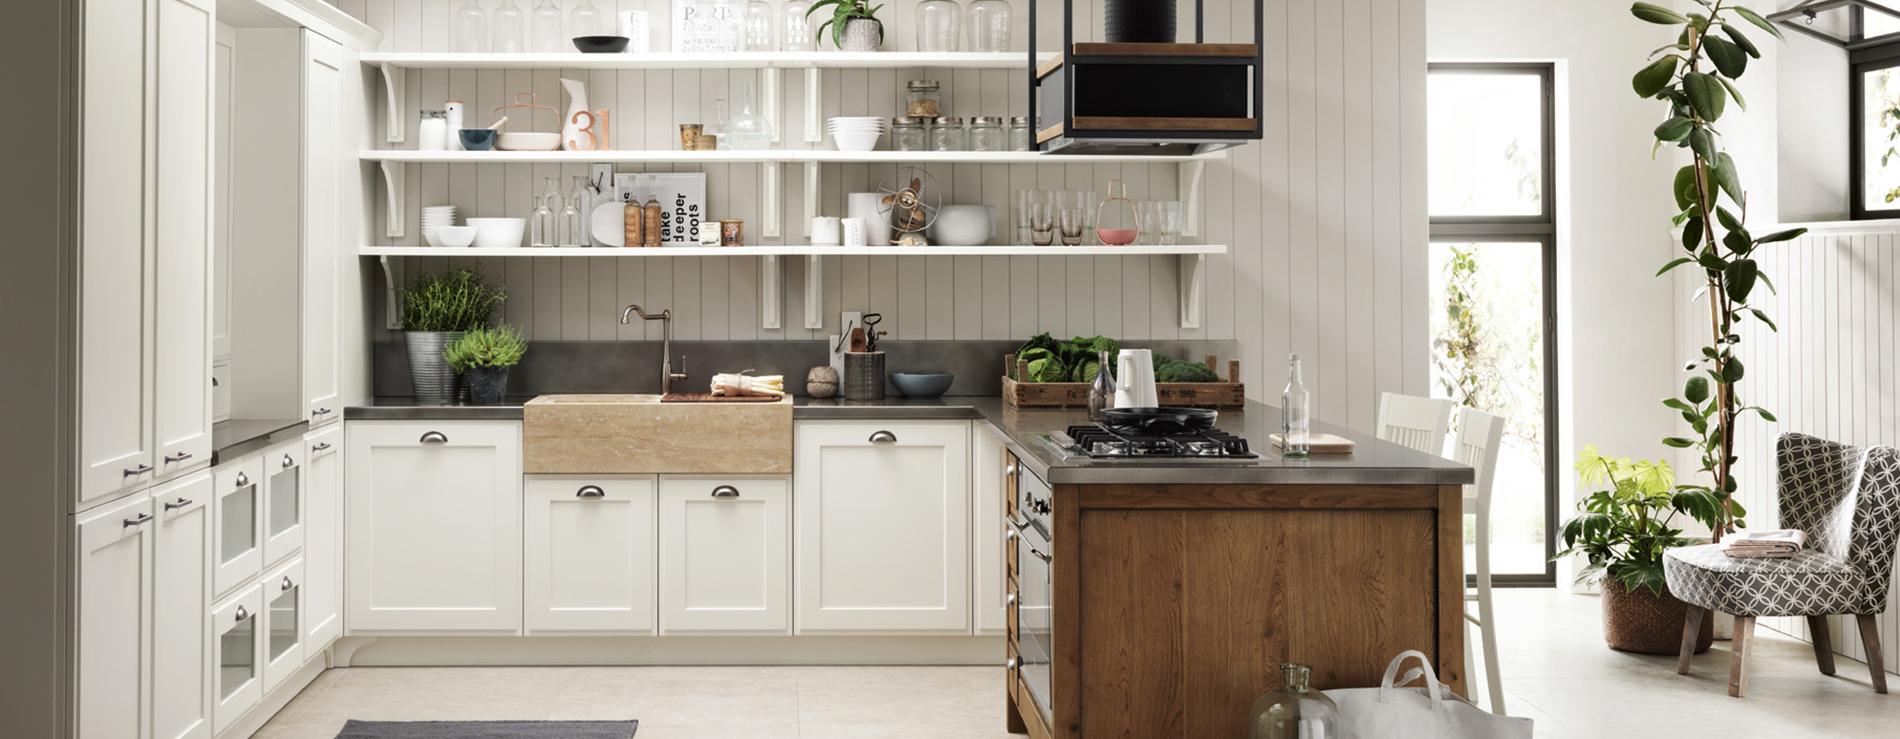 Catalogo arredamento casa 2019 idee di arredamento su misura for Catalogo arredamento casa